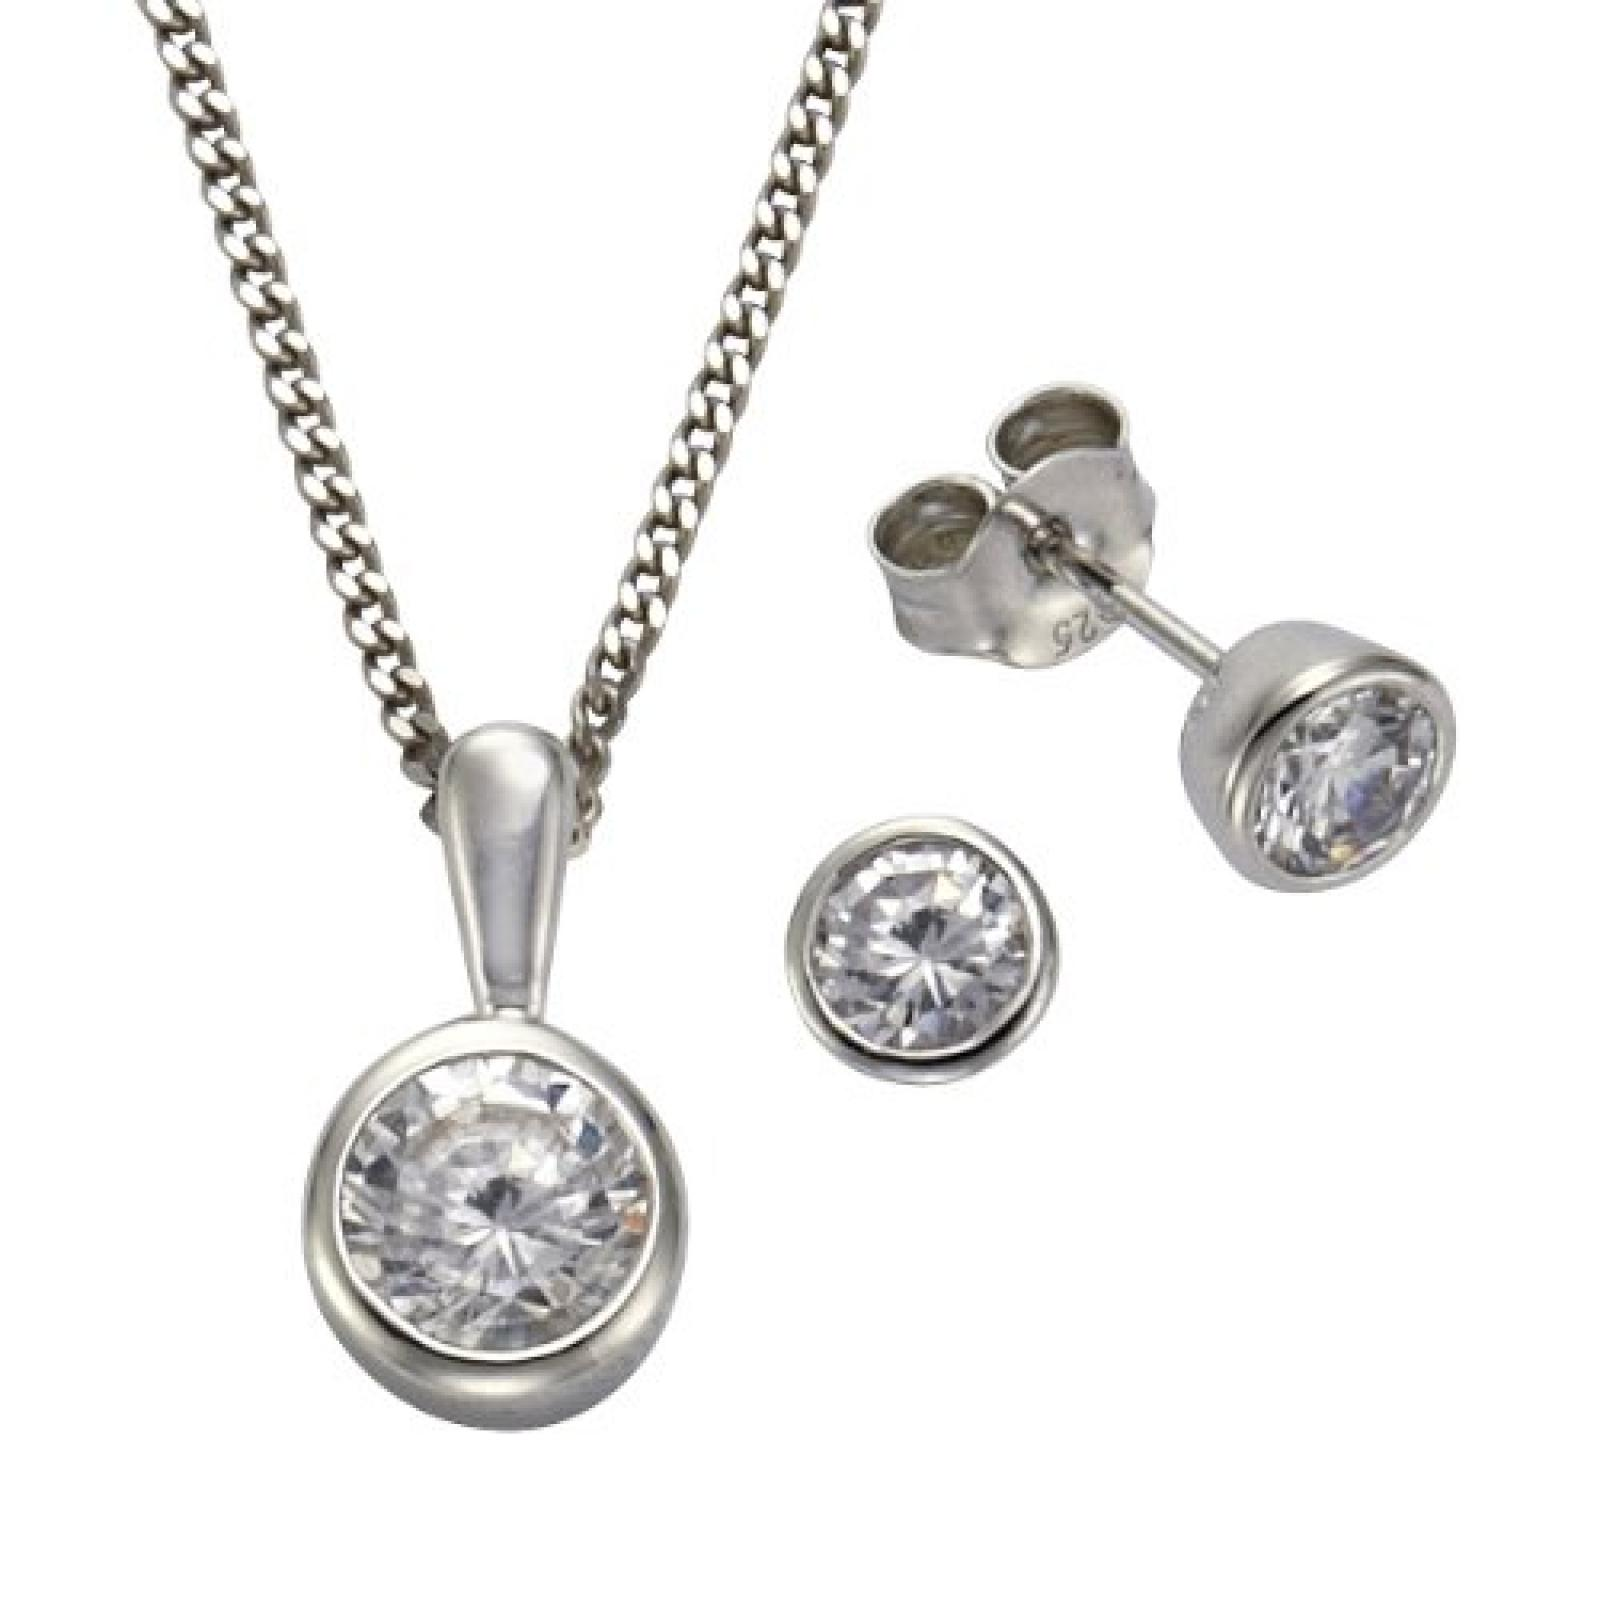 ZEEme Damen-Set: Halskette + Ohrringe 925 Sterling Silber Zirkonia weiß 45cm 500201385-1